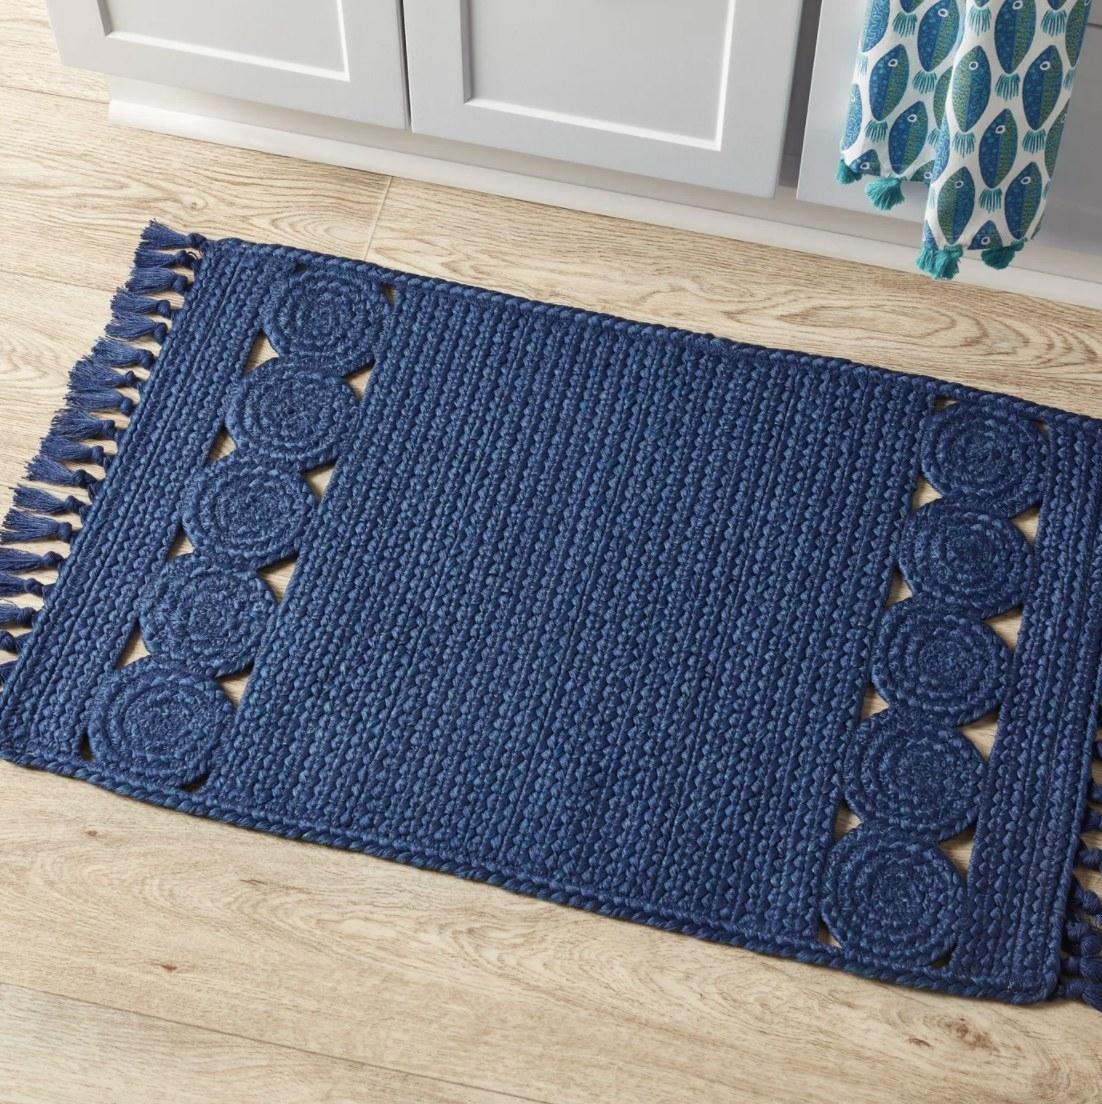 Kitchen rug on the floor